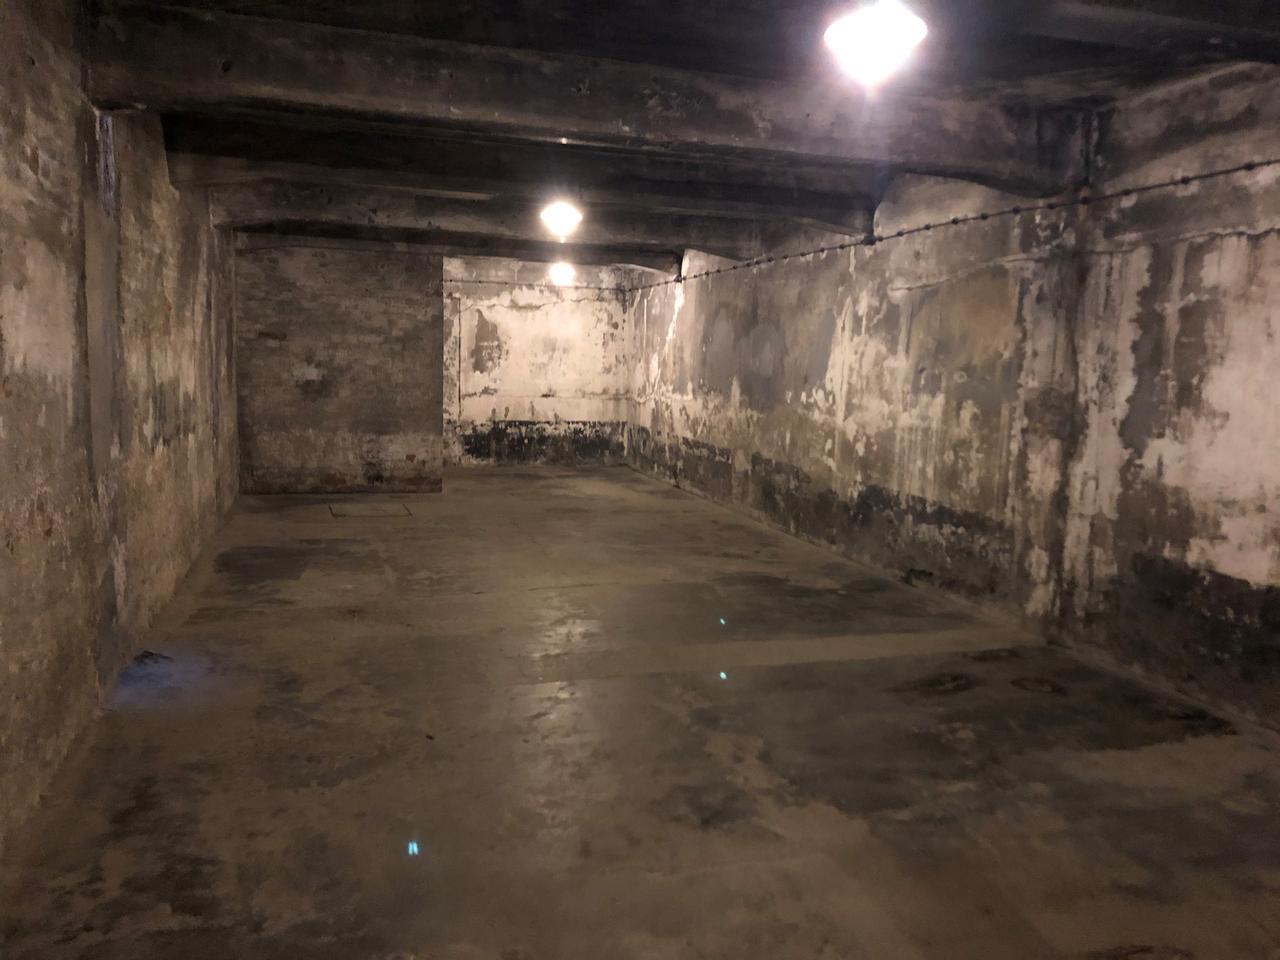 画像3: アウシュビッツ強制収容所/池田撮影